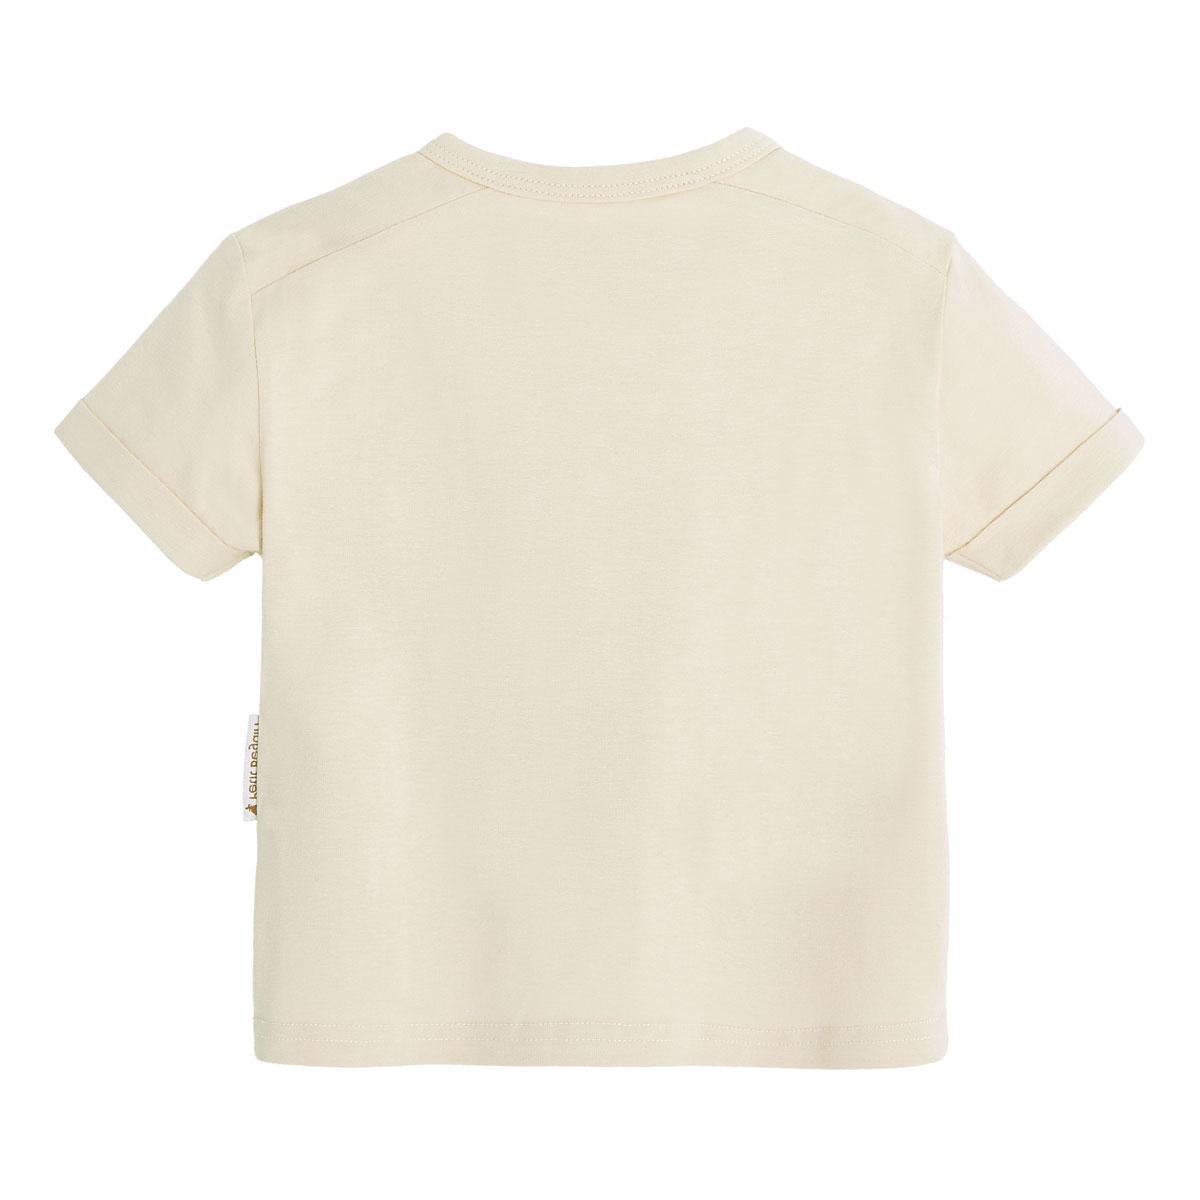 Ensemble bébé garçon t-shirt contenant du coton bio + short Wild Safari dos